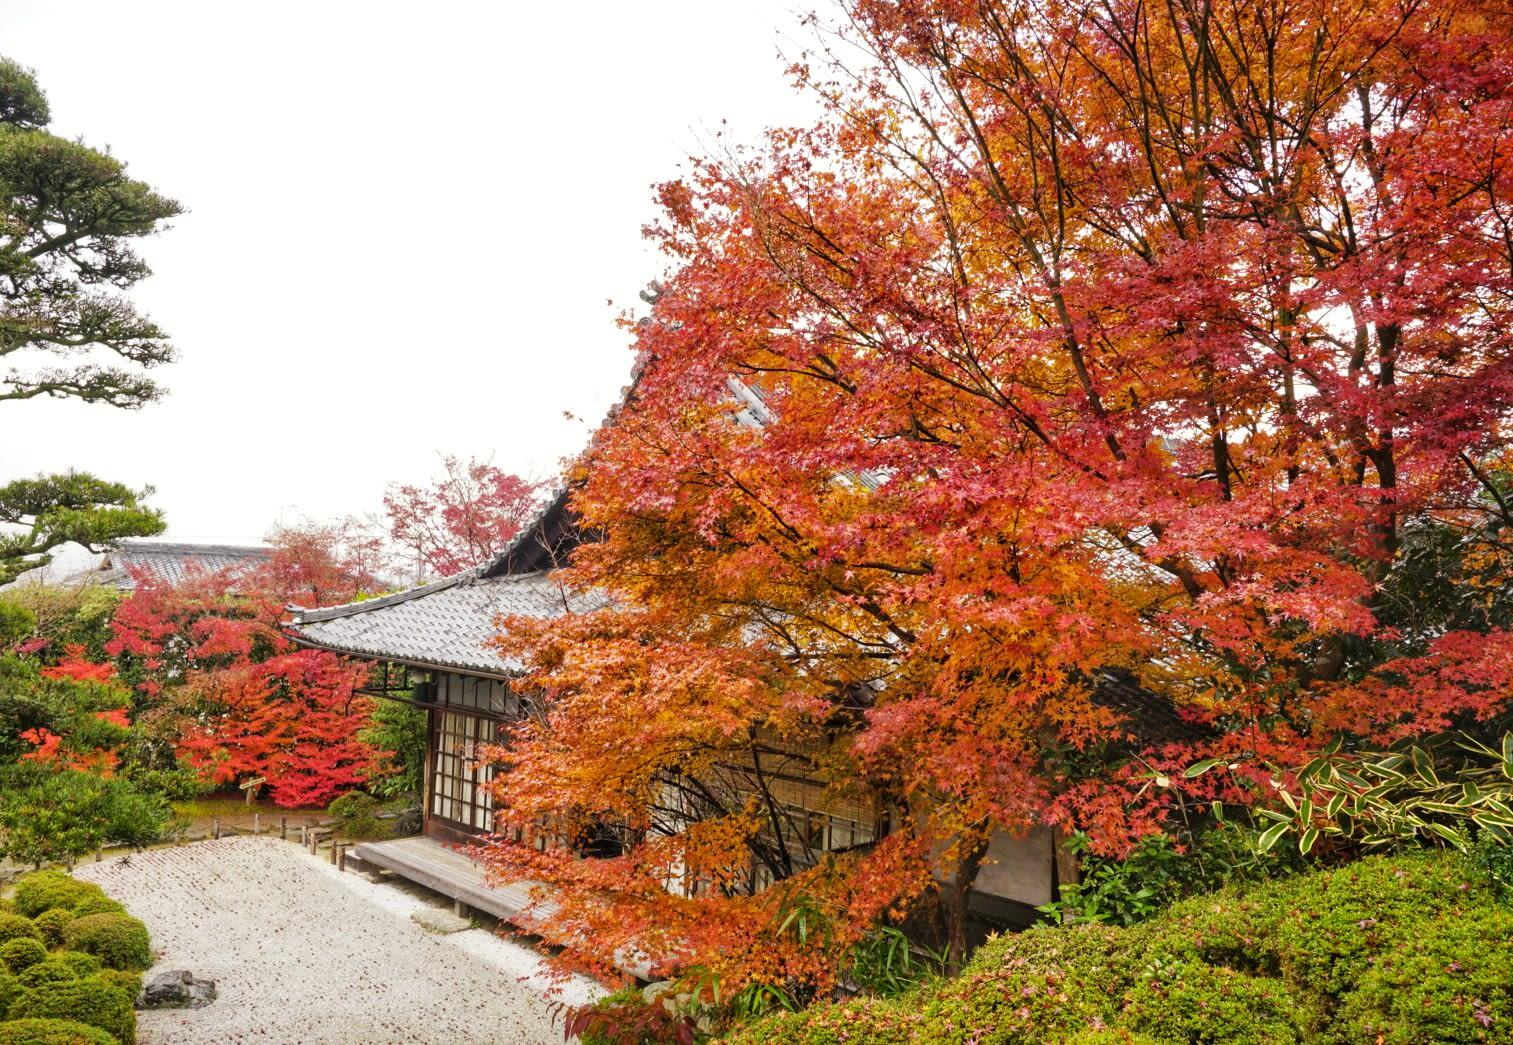 ngôi chùa là điểm đến chính trong lịch trình ngắm mùa thu ở kyoto